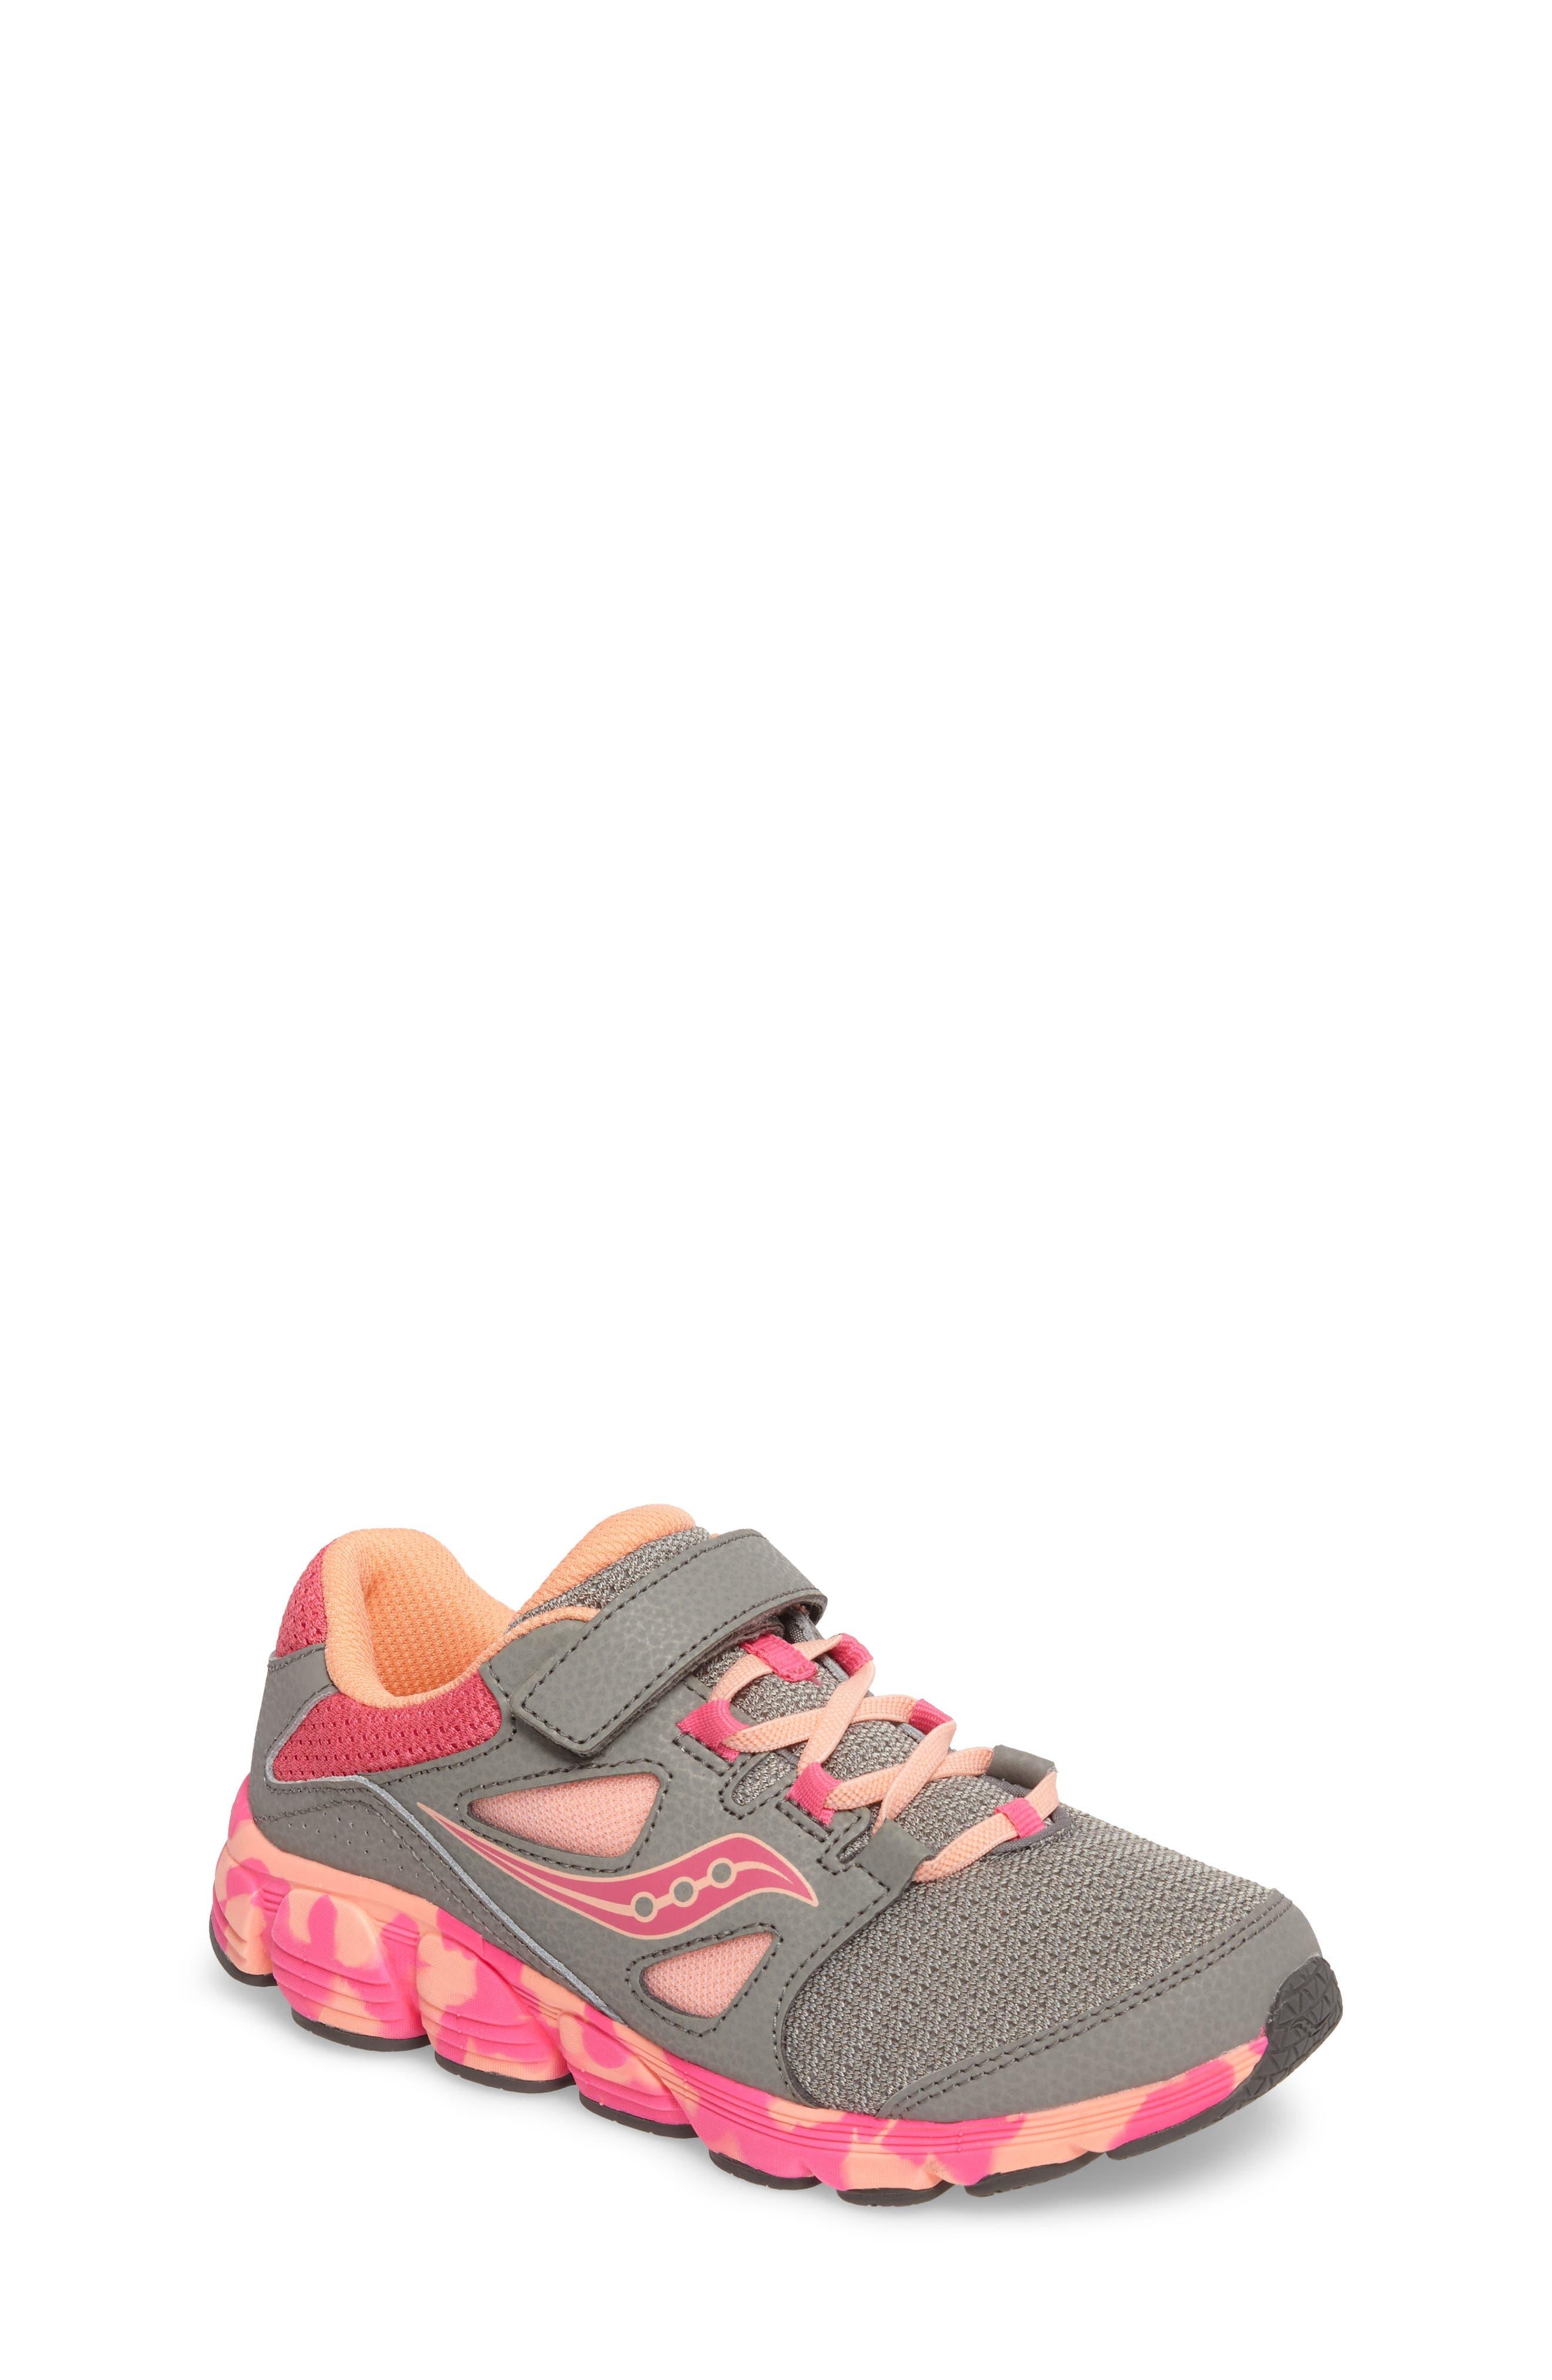 Saucony Kotaro 4 Sneaker (Toddler, Little Kid & Big Kid)